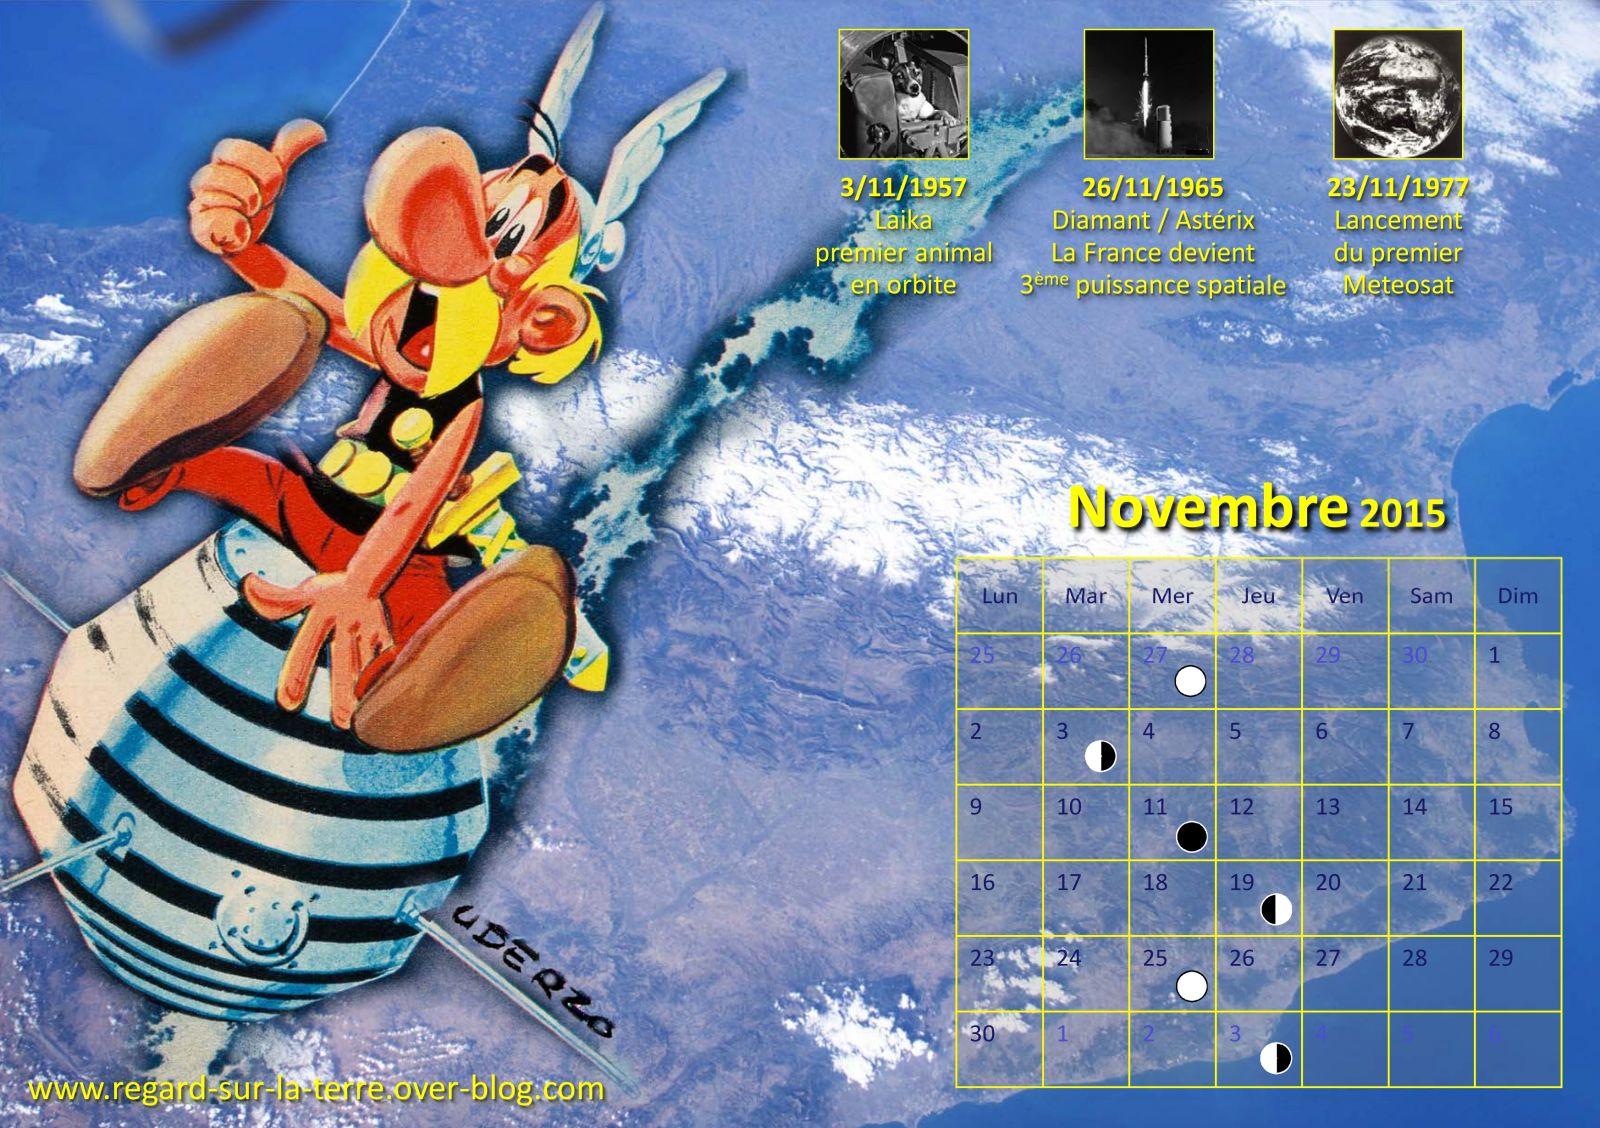 Astérix - A1 - Diamant - Premier satellite français - 26 novembre 1965 - 50 ans - calendrier spatial et astronomique - Laika - Meteosat-1